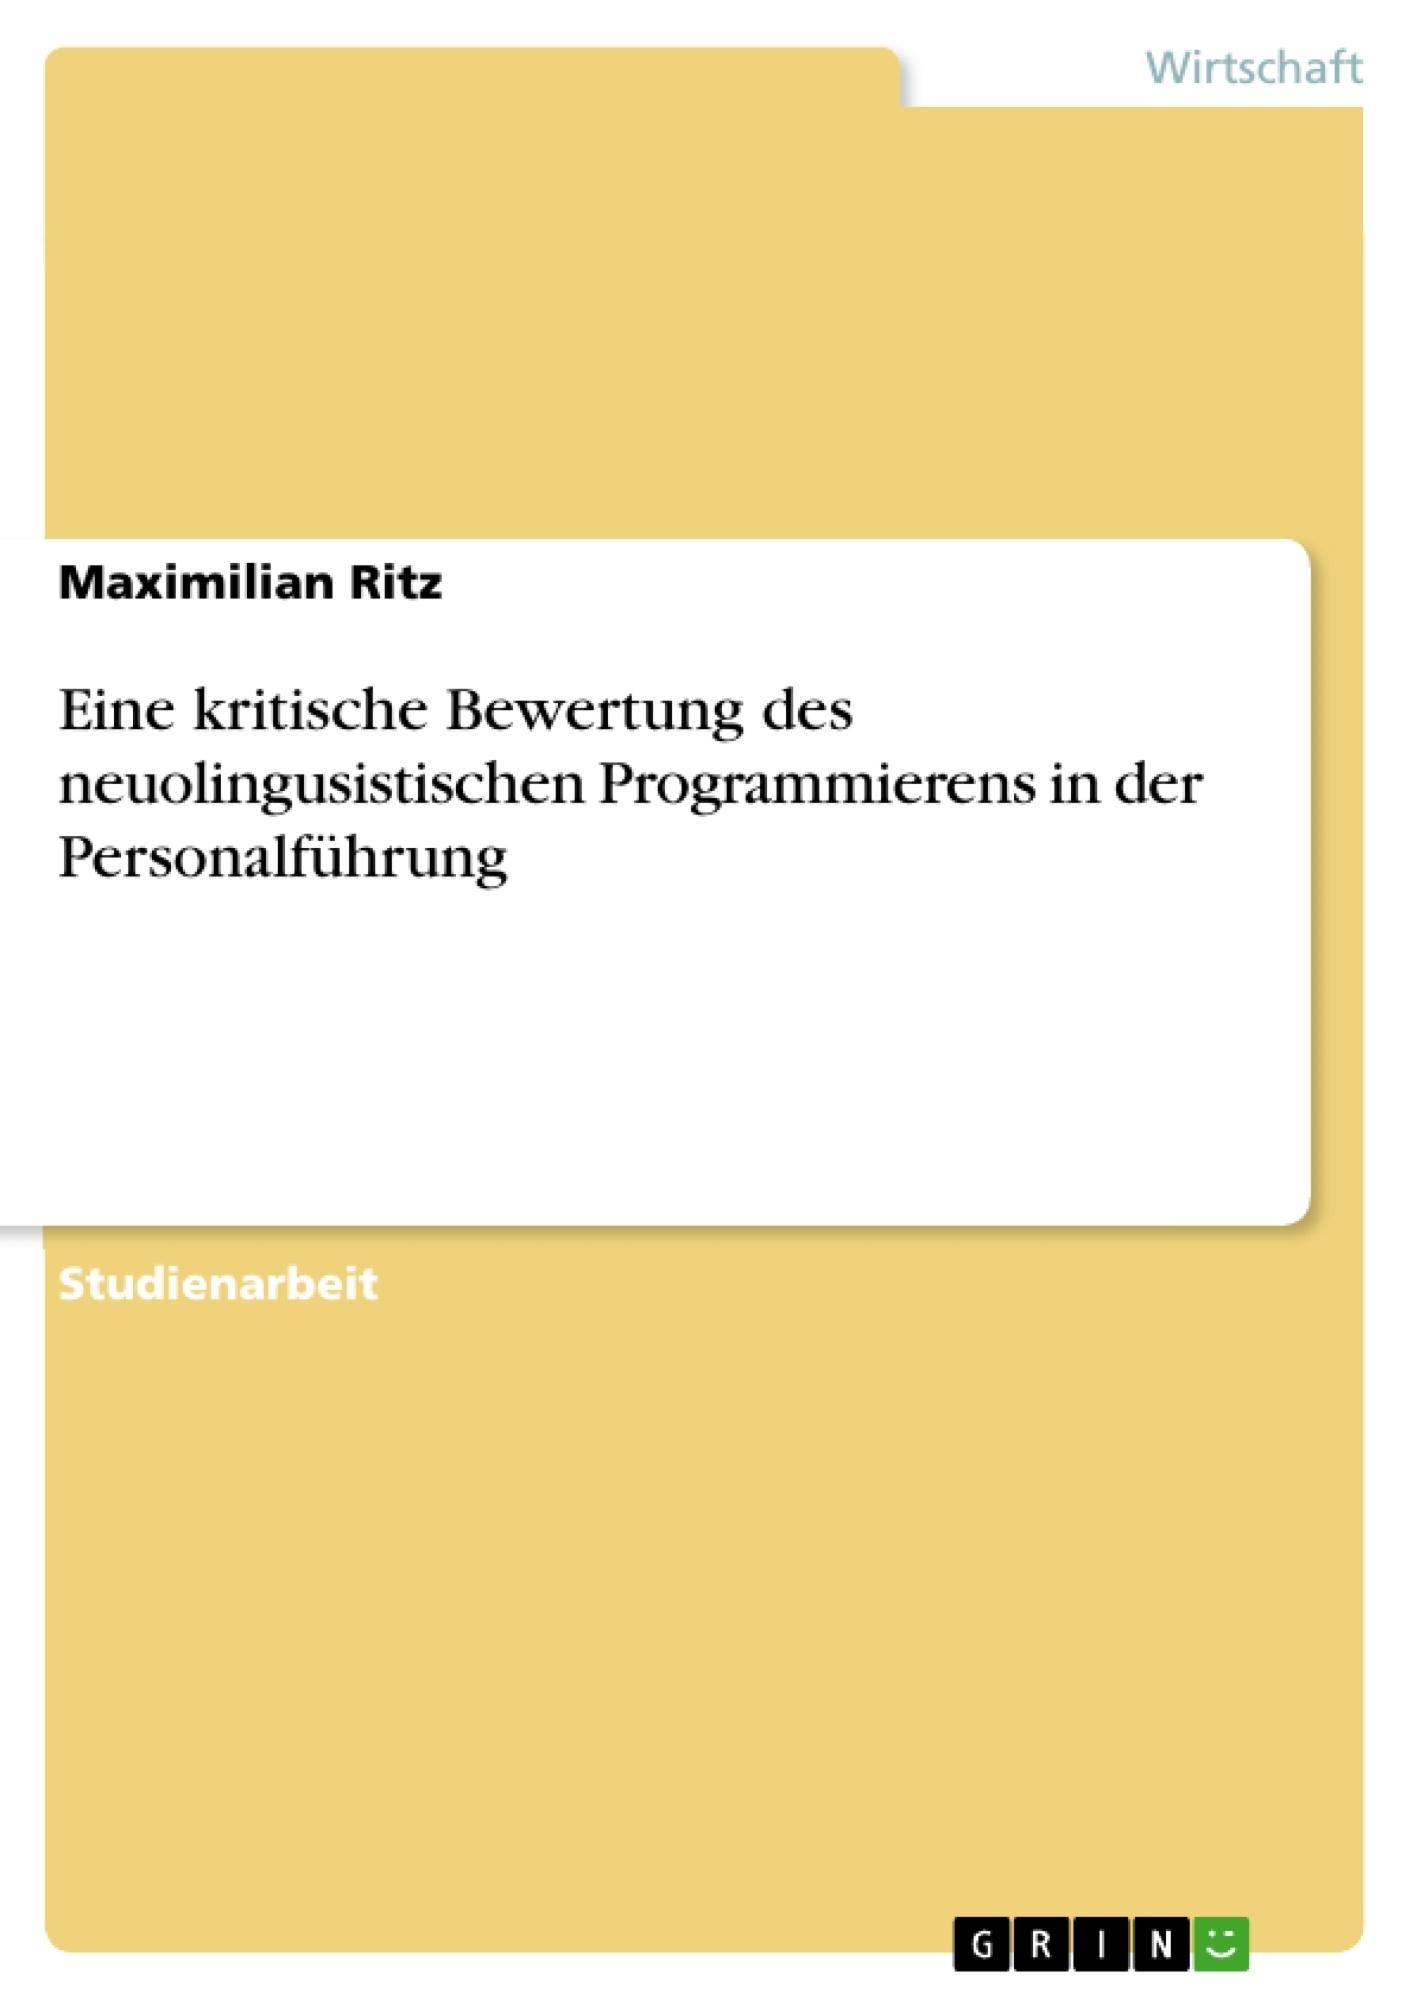 Titel: Eine kritische Bewertung des neuolingusistischen Programmierens in der Personalführung